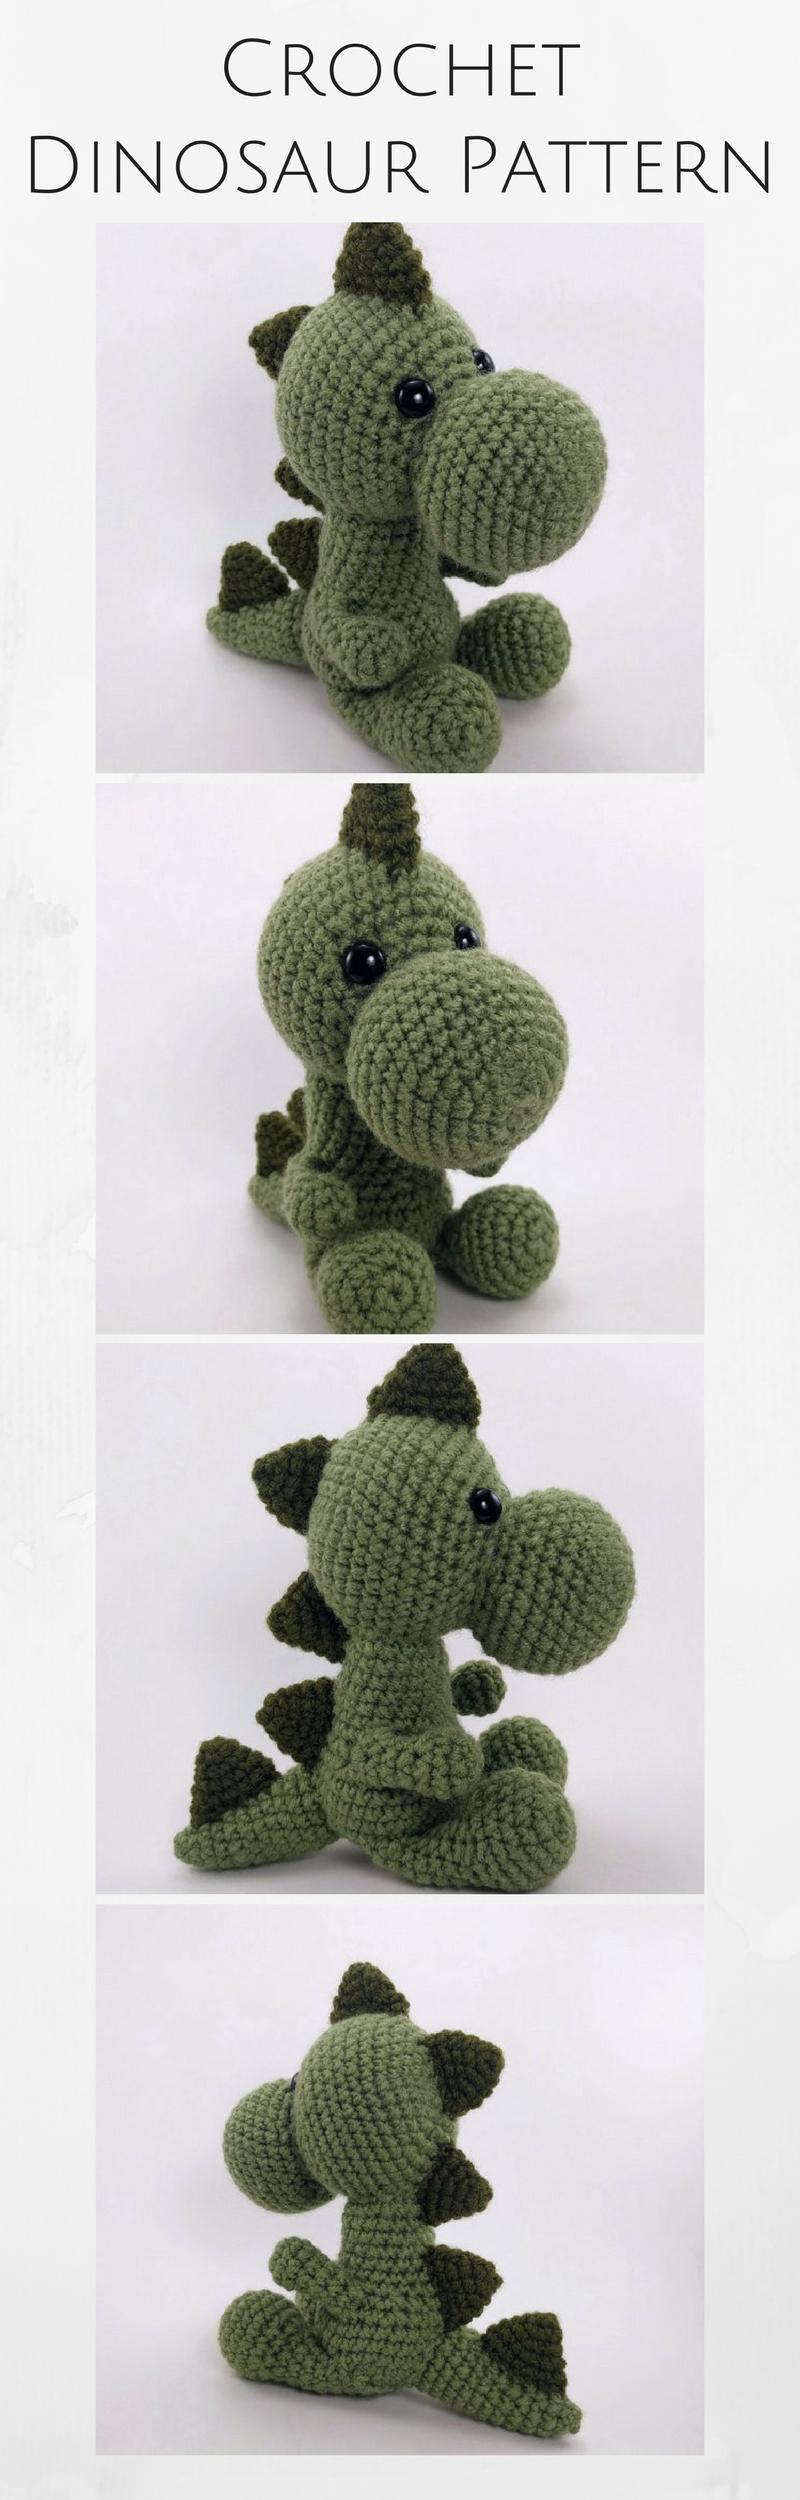 PATTERN: Mr. Dinosaur - Crochet dinosaur pattern - amigurumi ...